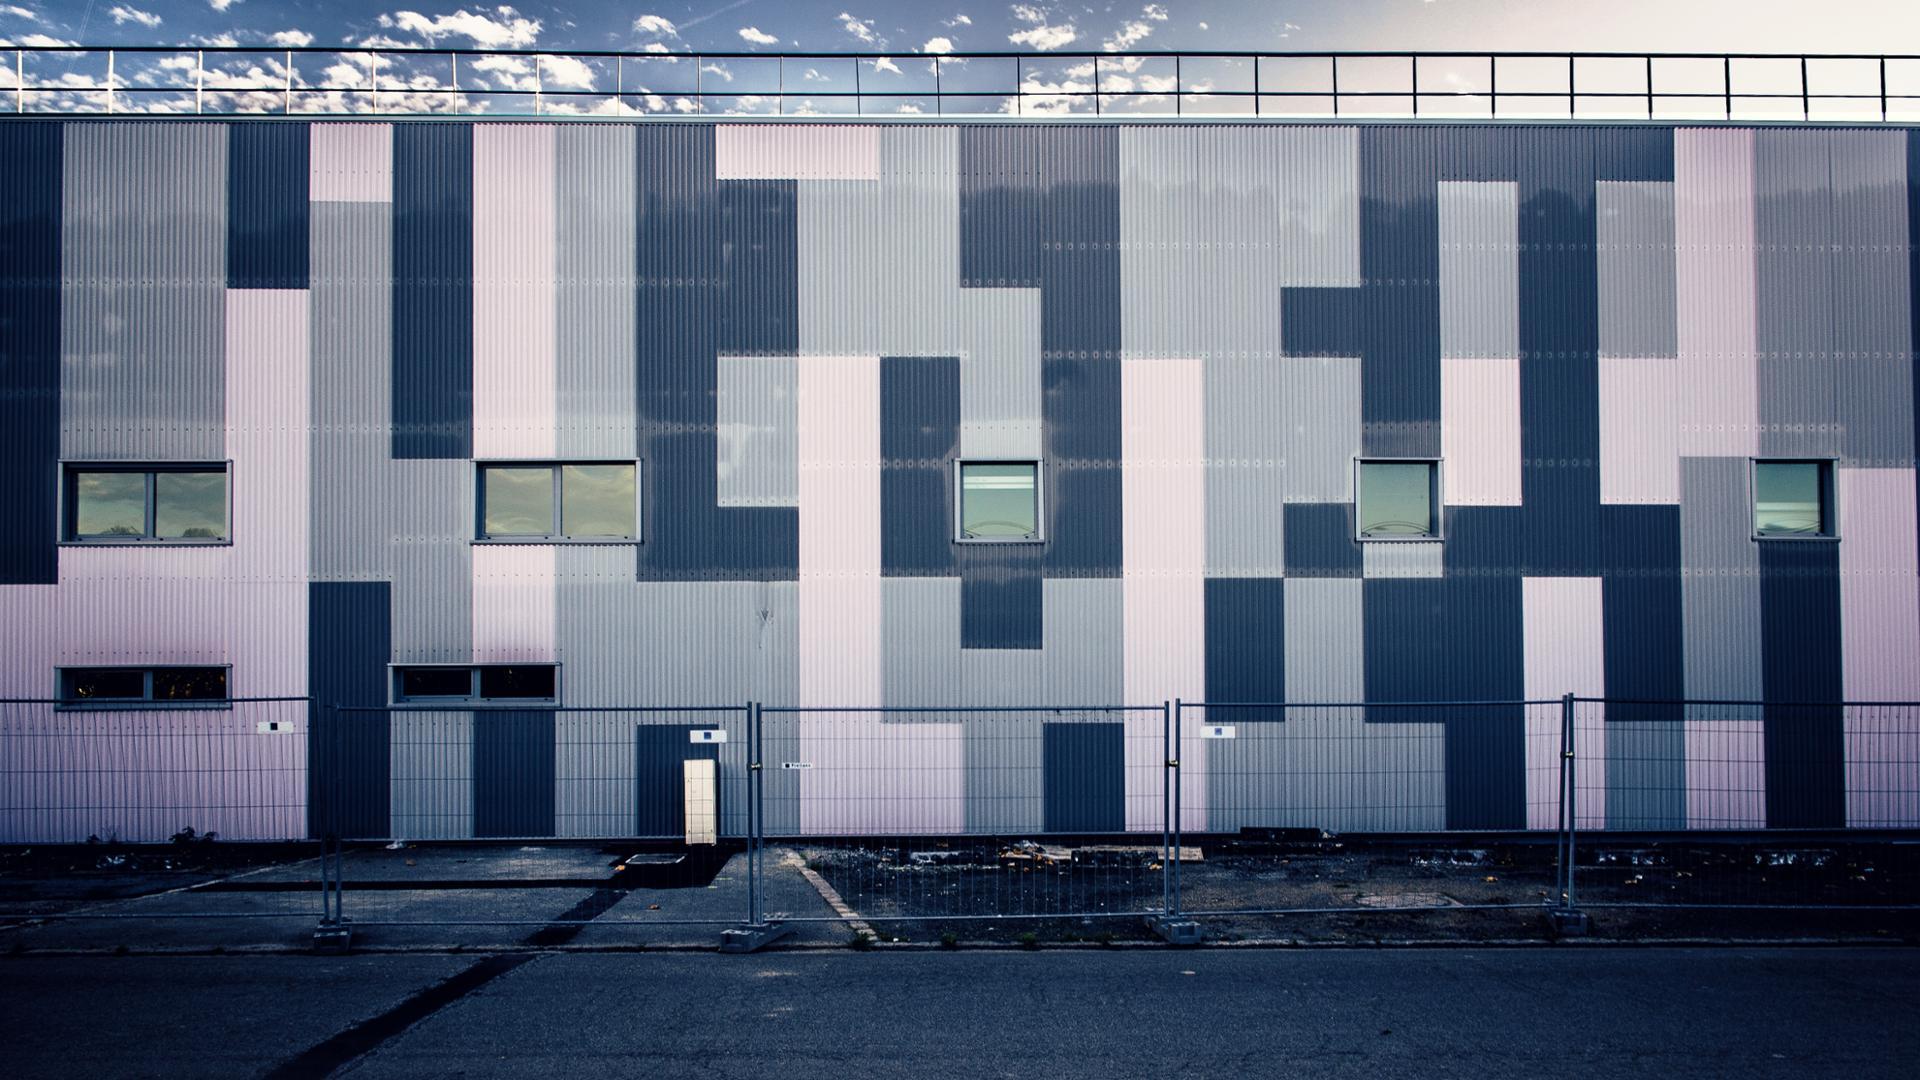 Inhabité-Inhabituel II (tetris building)